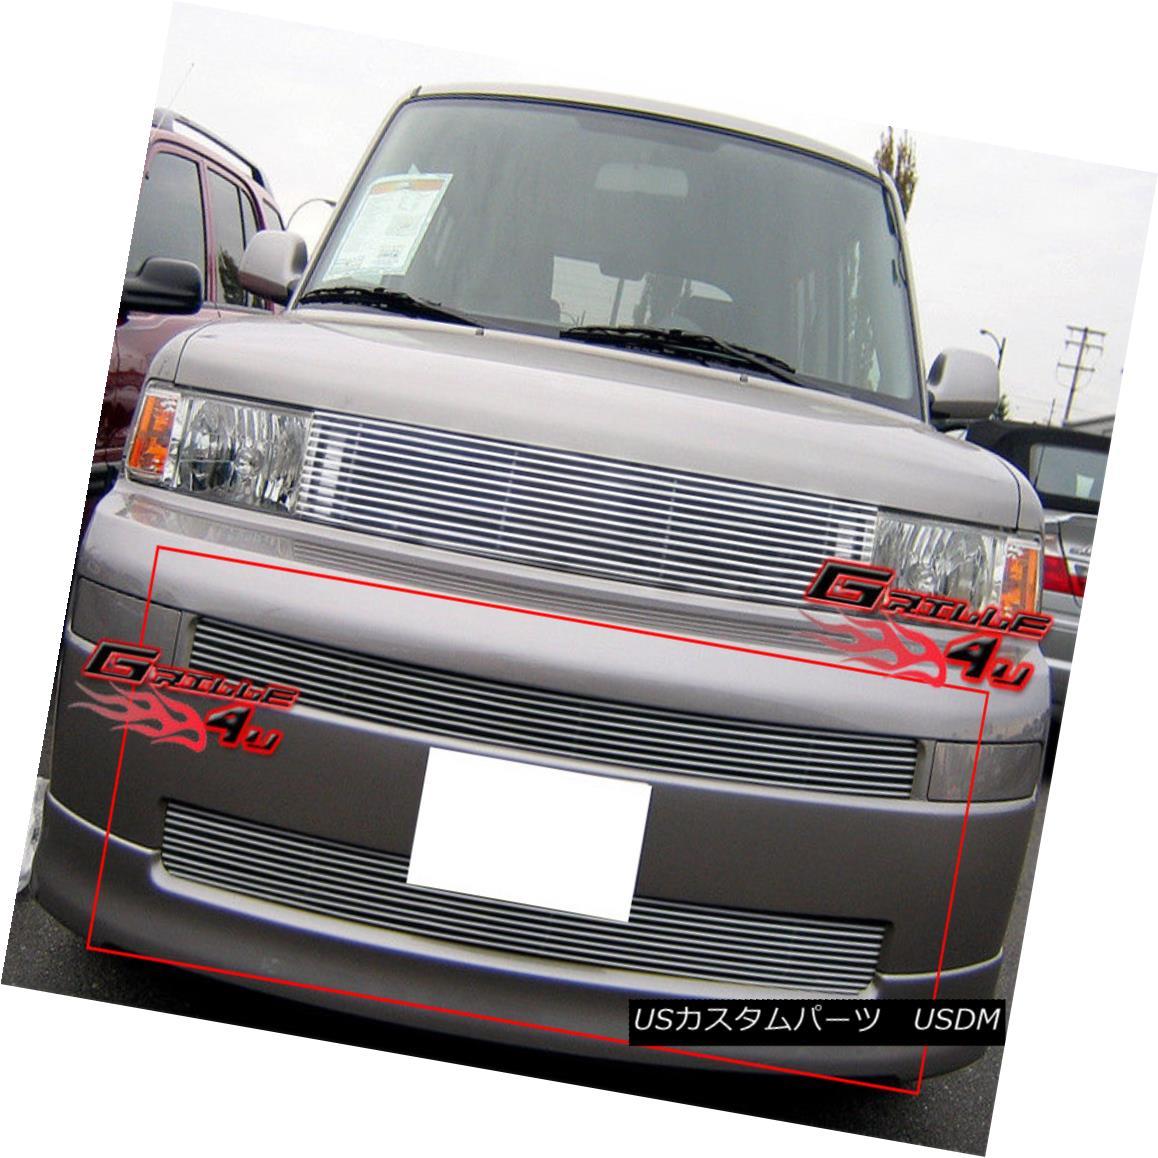 グリル Fits 2003-2007 Scion XB Lower Bumper Billet Grille Insert 2003-2007 Scion XBロワーバンパービレットグリルインサート